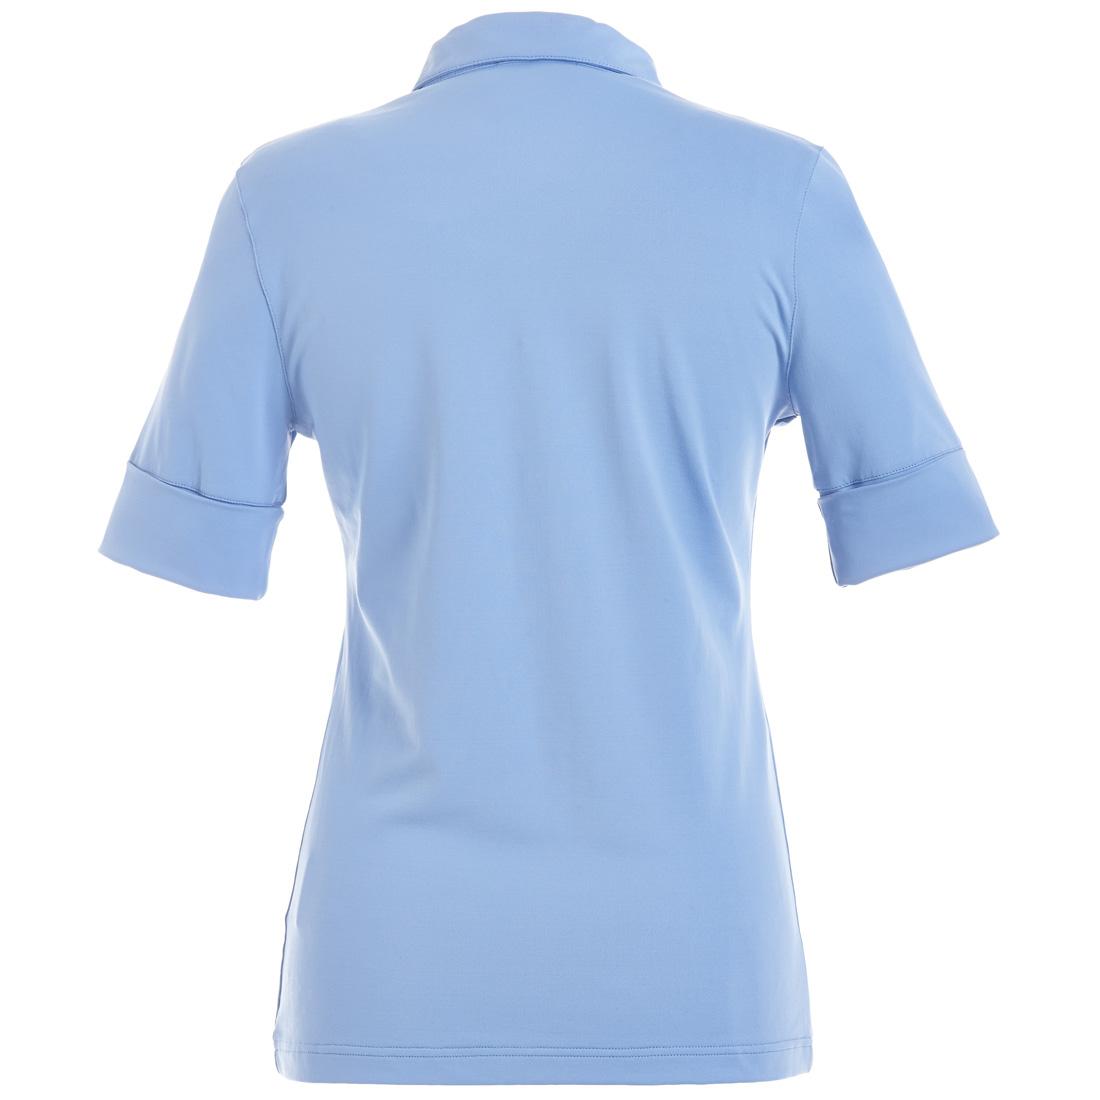 Damen Dry Comfort Jersey Poloshirt mit gekrempelten Ärmeln